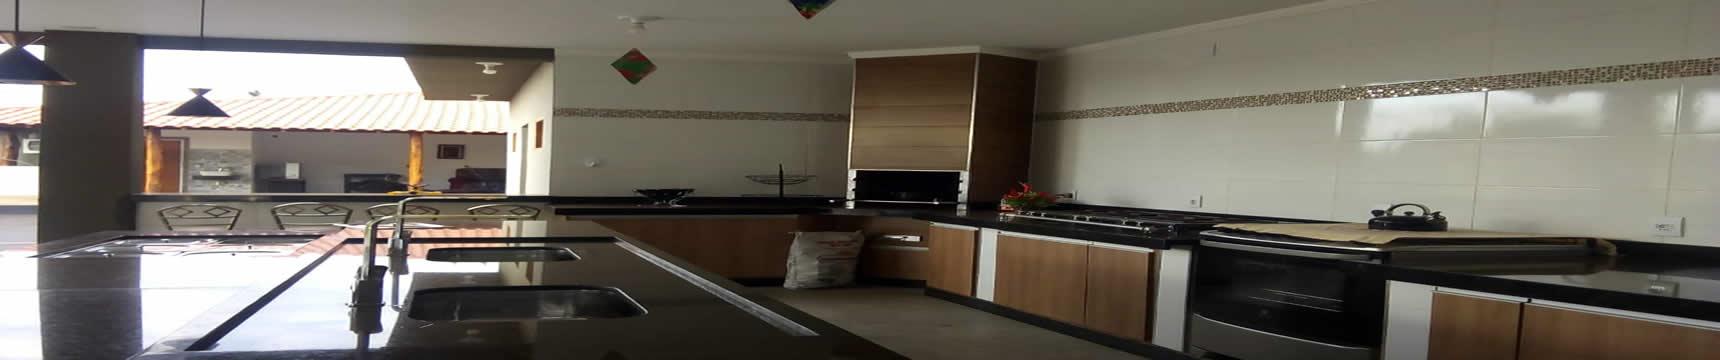 Cia de Negócios - Imobiliária em Ribeirão Preto - Chácara - Estrada Vicinal de Brodowski - Brodowski